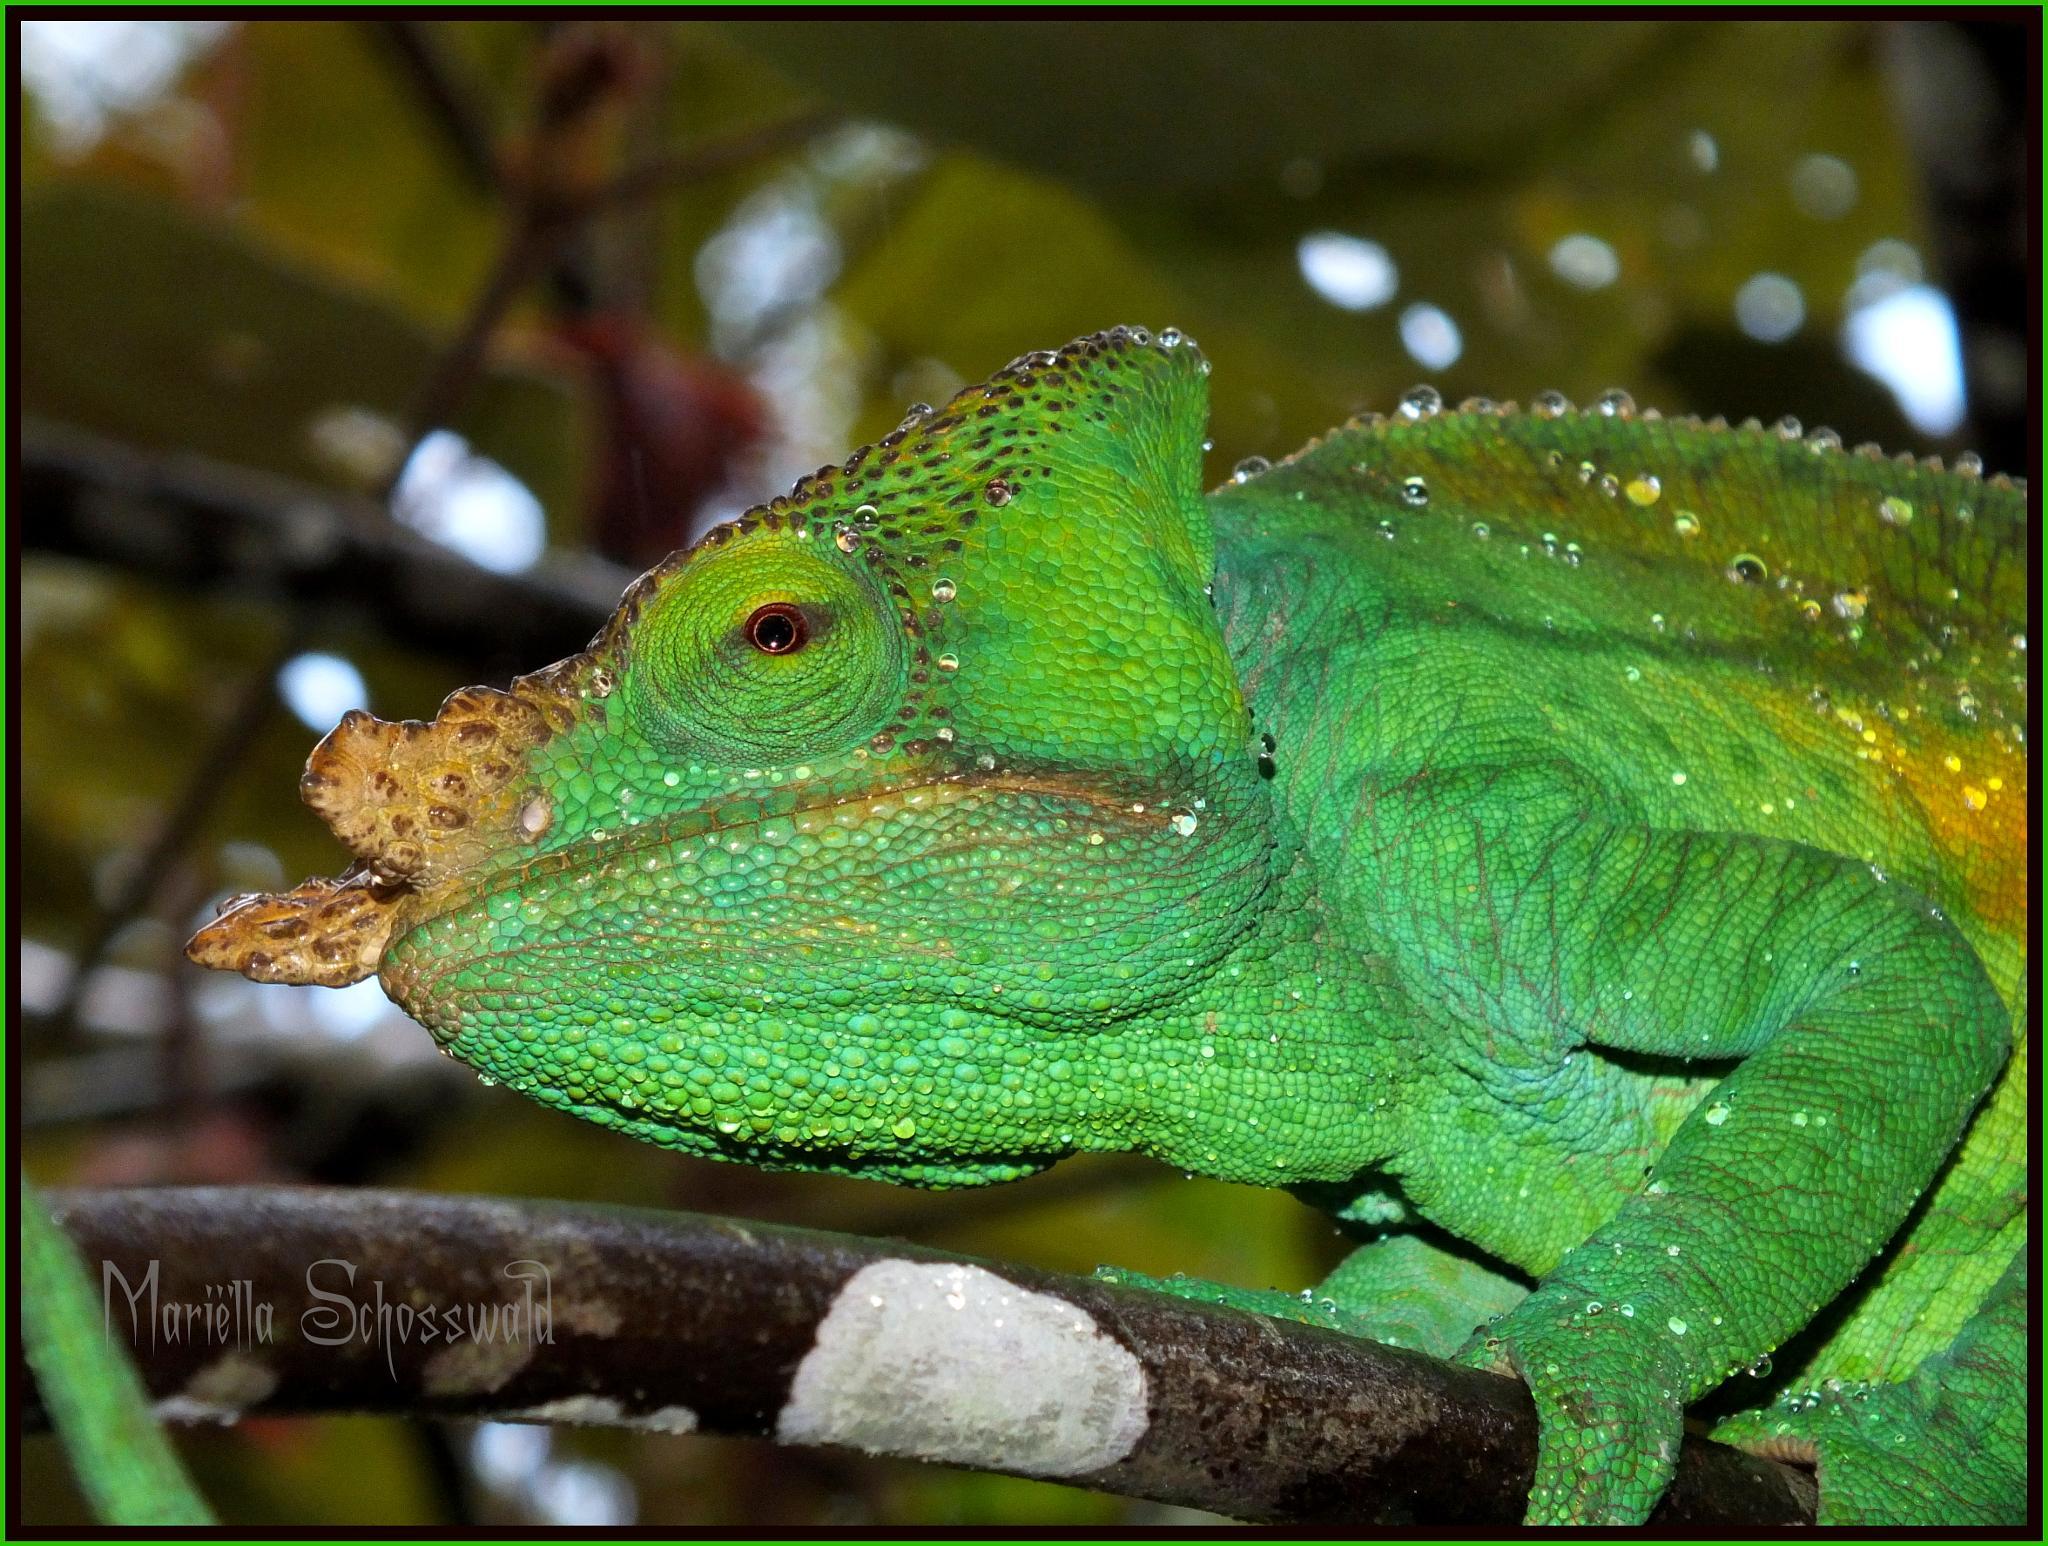 parson's chameleon / Near Threatened / parsons kameleon  by Mariëlla van der Lans-Schosswald